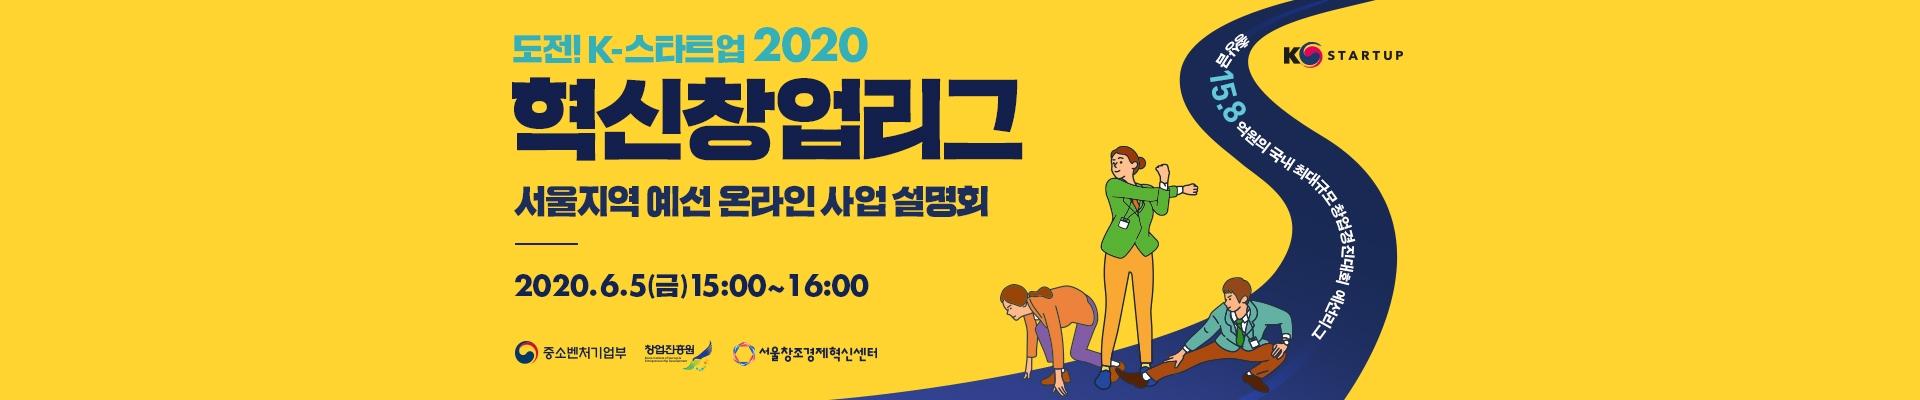 이벤터스_중소벤처기업부와 창업진흥원, 서울창조경제혁신센터에서 우수기술 창업아이템을 보여윤 창업자,7년이내창업기업,스타트업에게 온라인 사업 설명회를 진행합니다. K-스타트업 2020에 지원할 기업을 선발하니 국내 최대규모 창업경진대회에 도전해보세요!